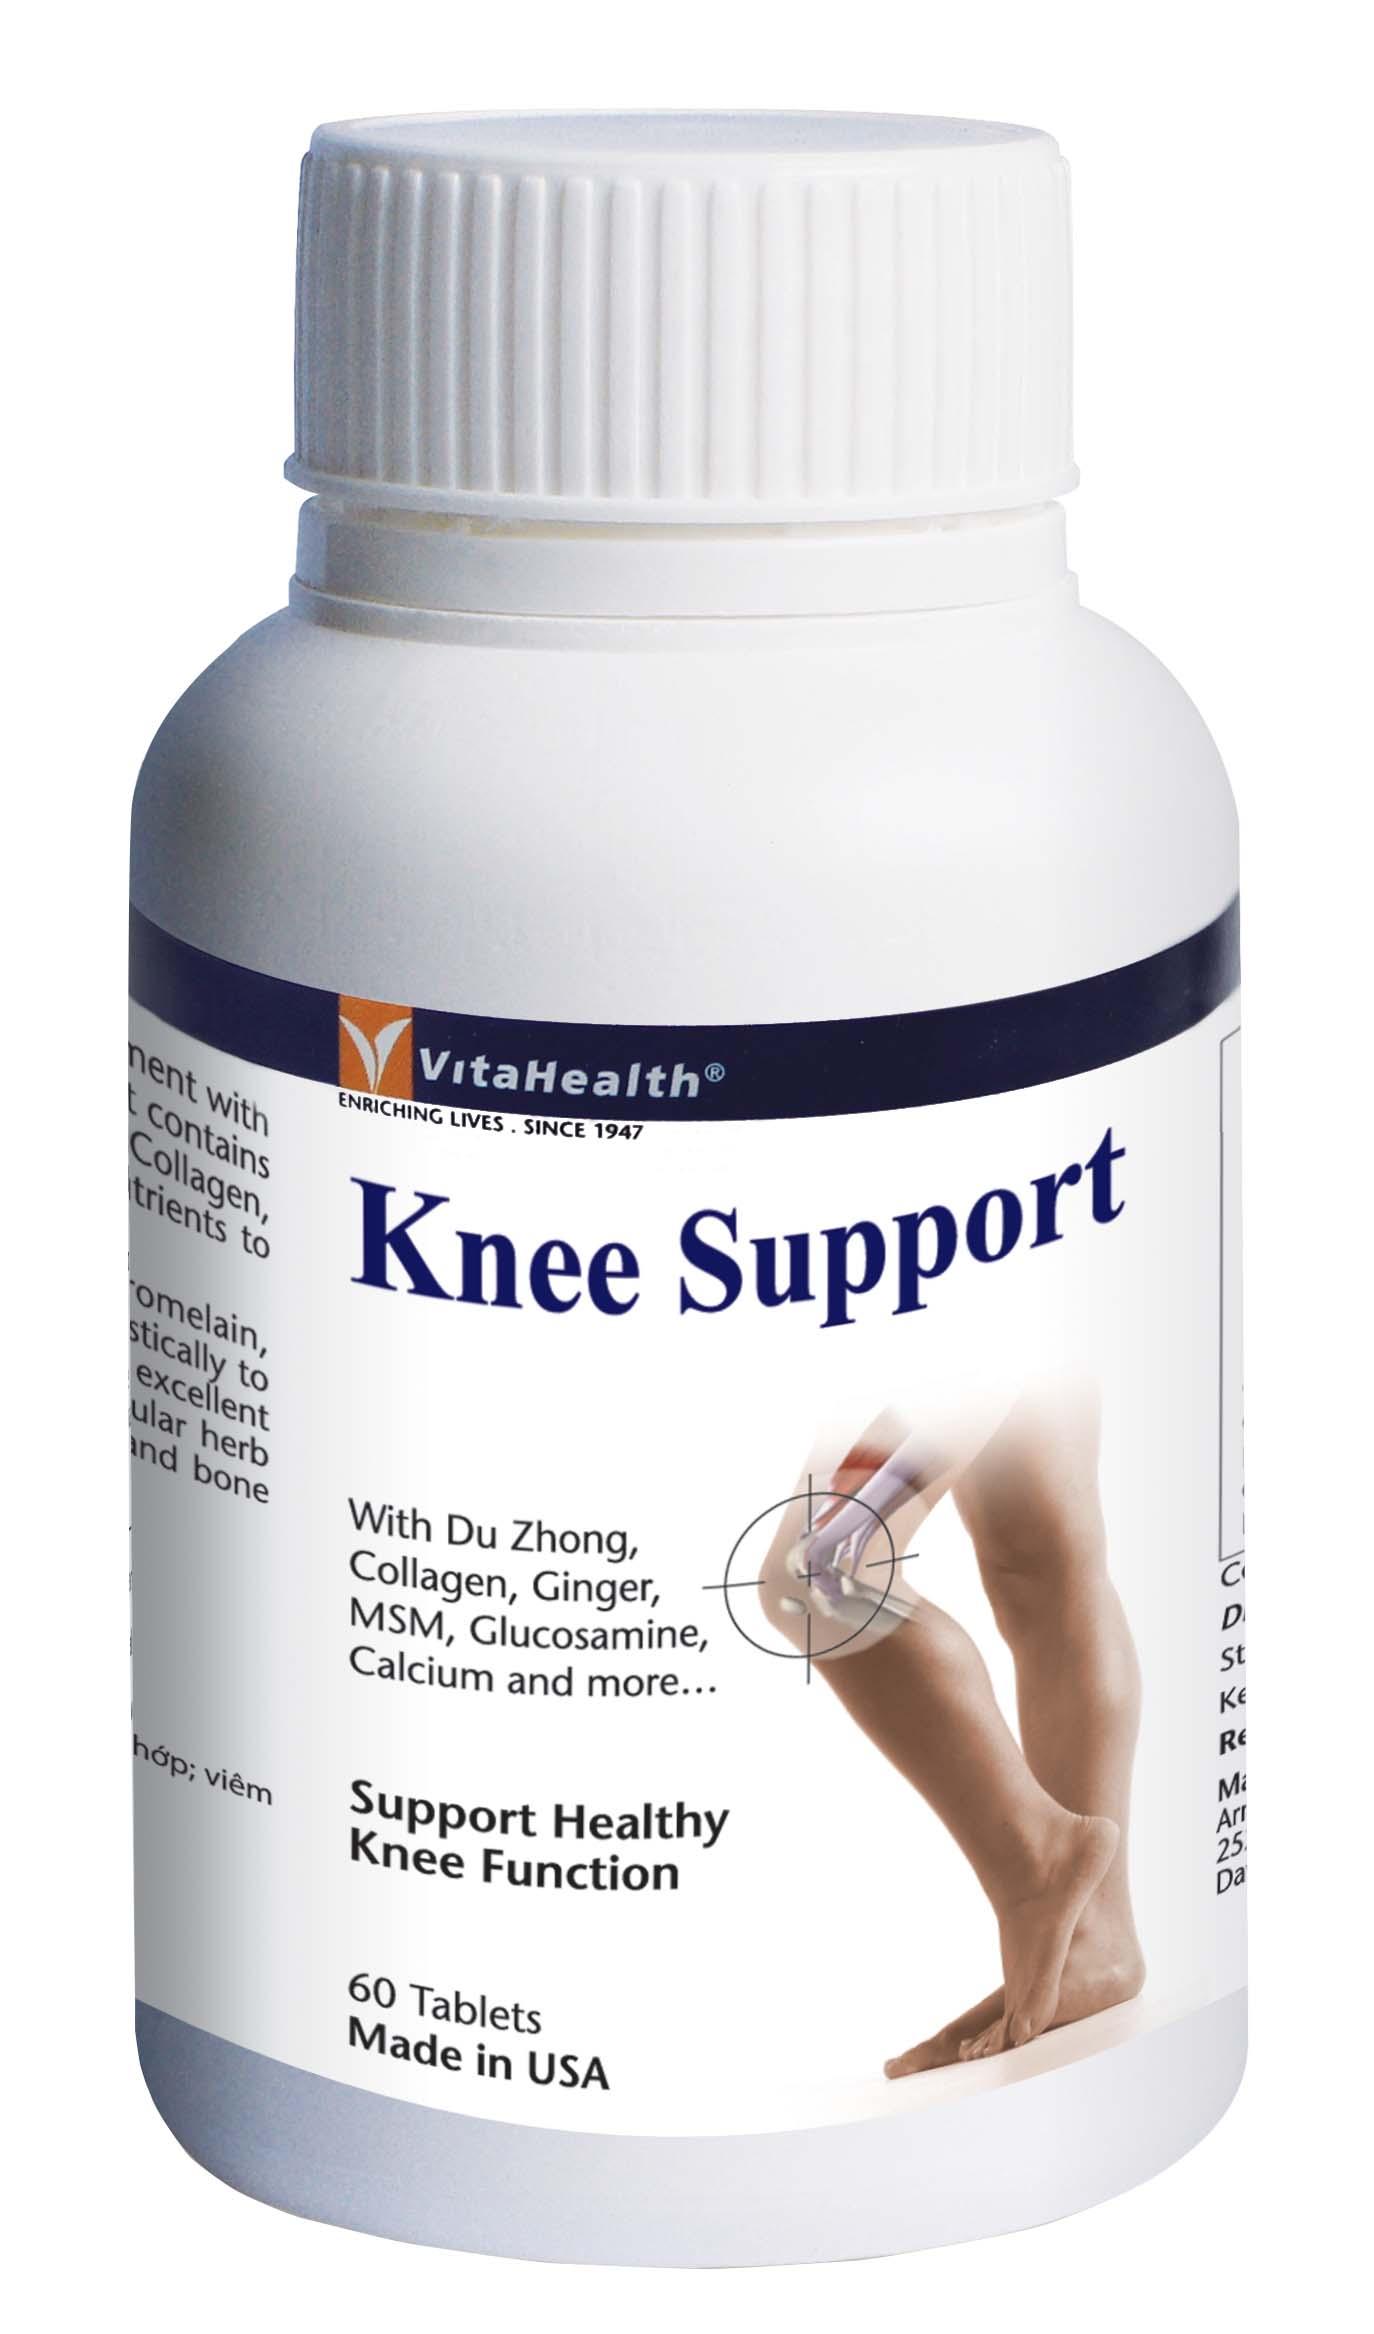 Thực phẩm chức năng Vitahealth Knee Support